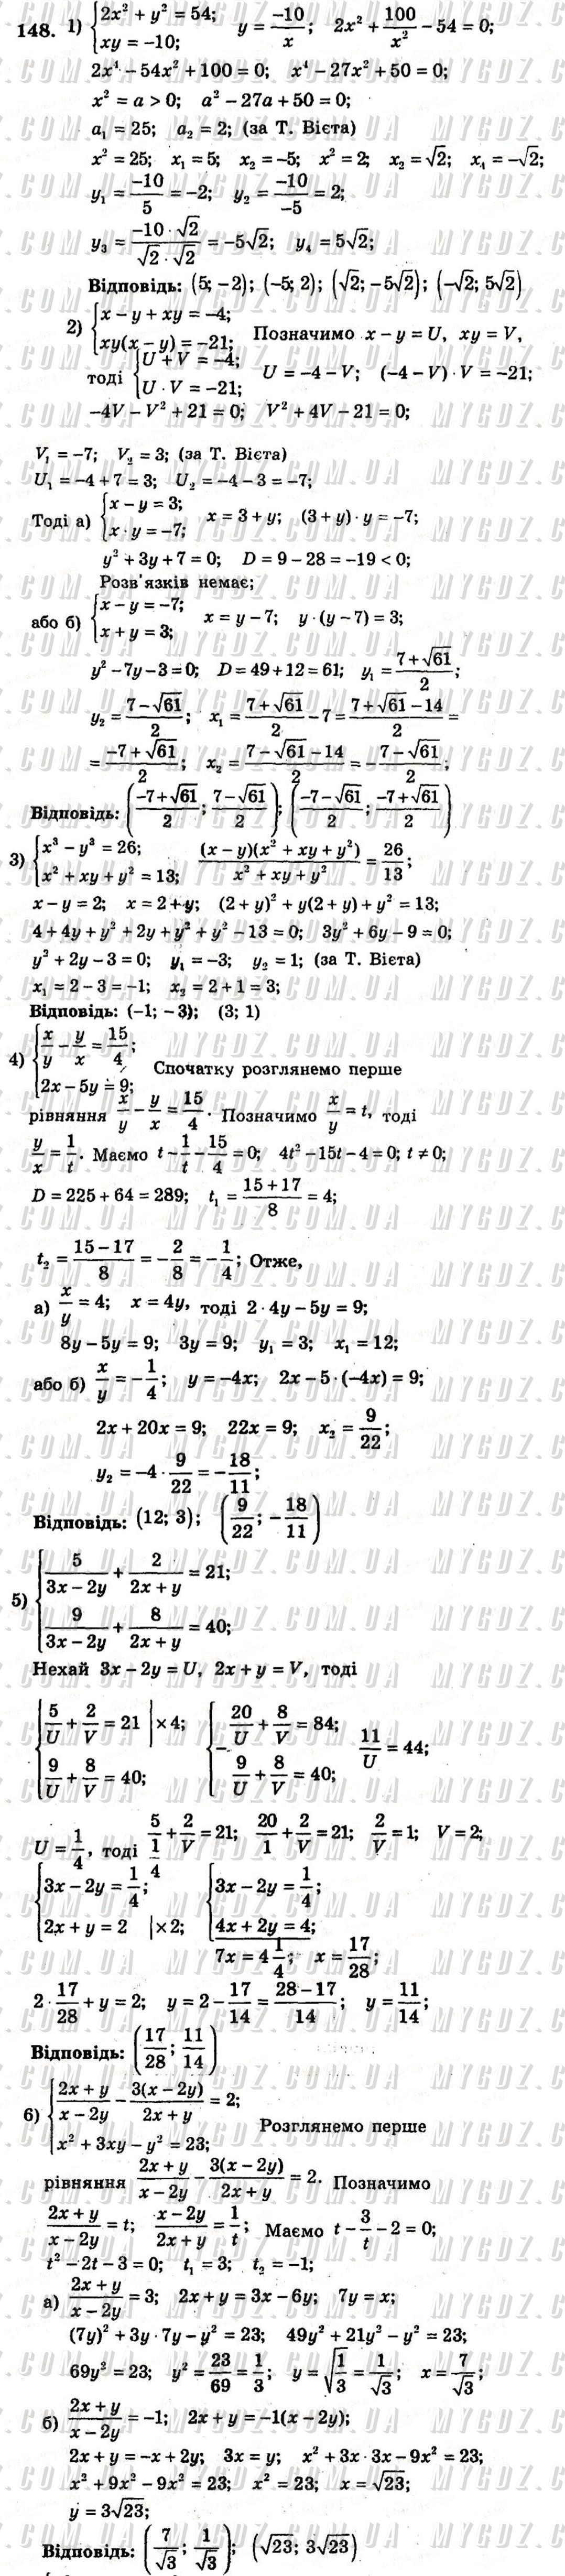 ГДЗ номер 148 до збірника задач і контрольних робіт з алгебри Мерзляк, Полонський 9 клас